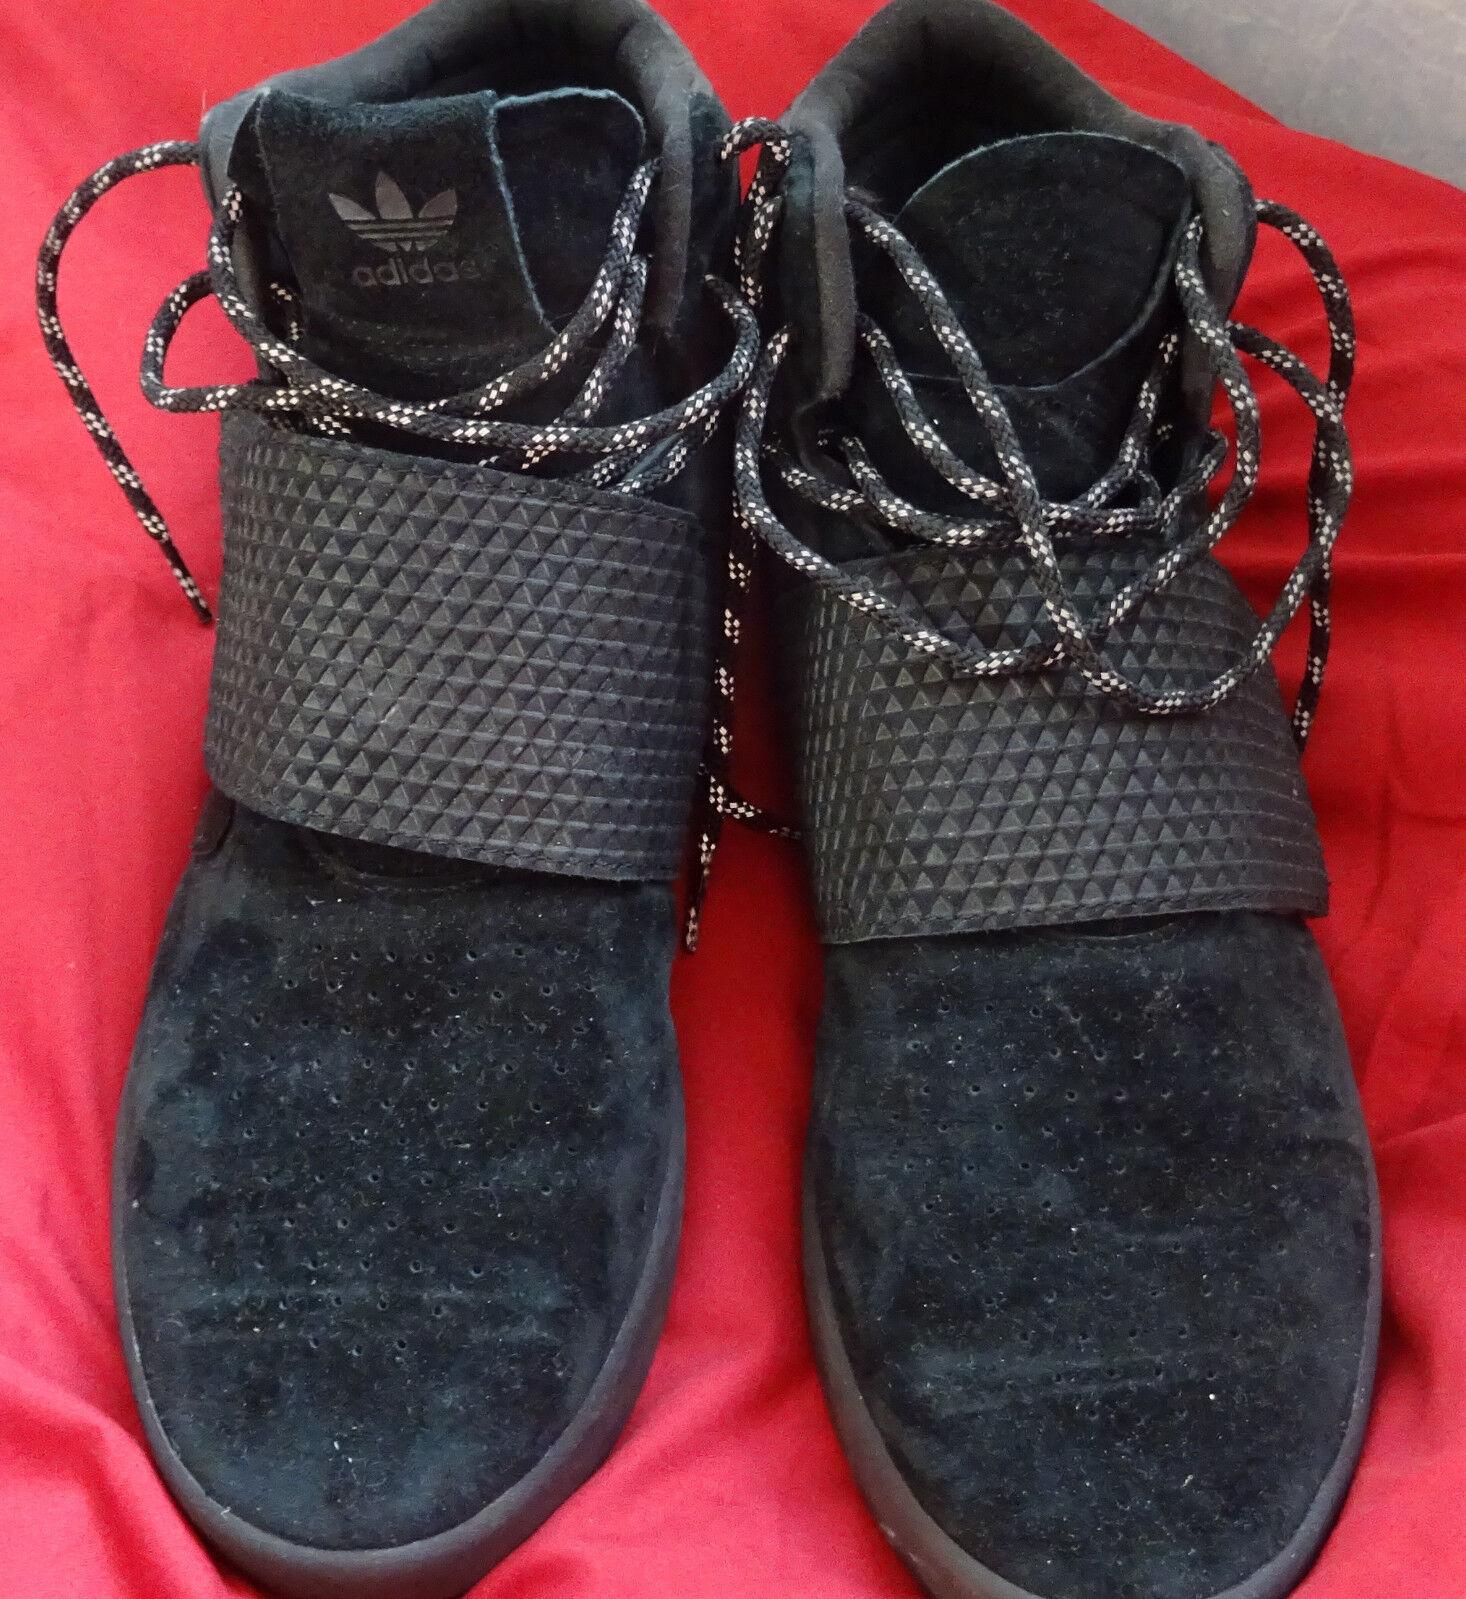 mes adidas - tubuläre mit schnallen - adidas schwarze größe 9. a24f25